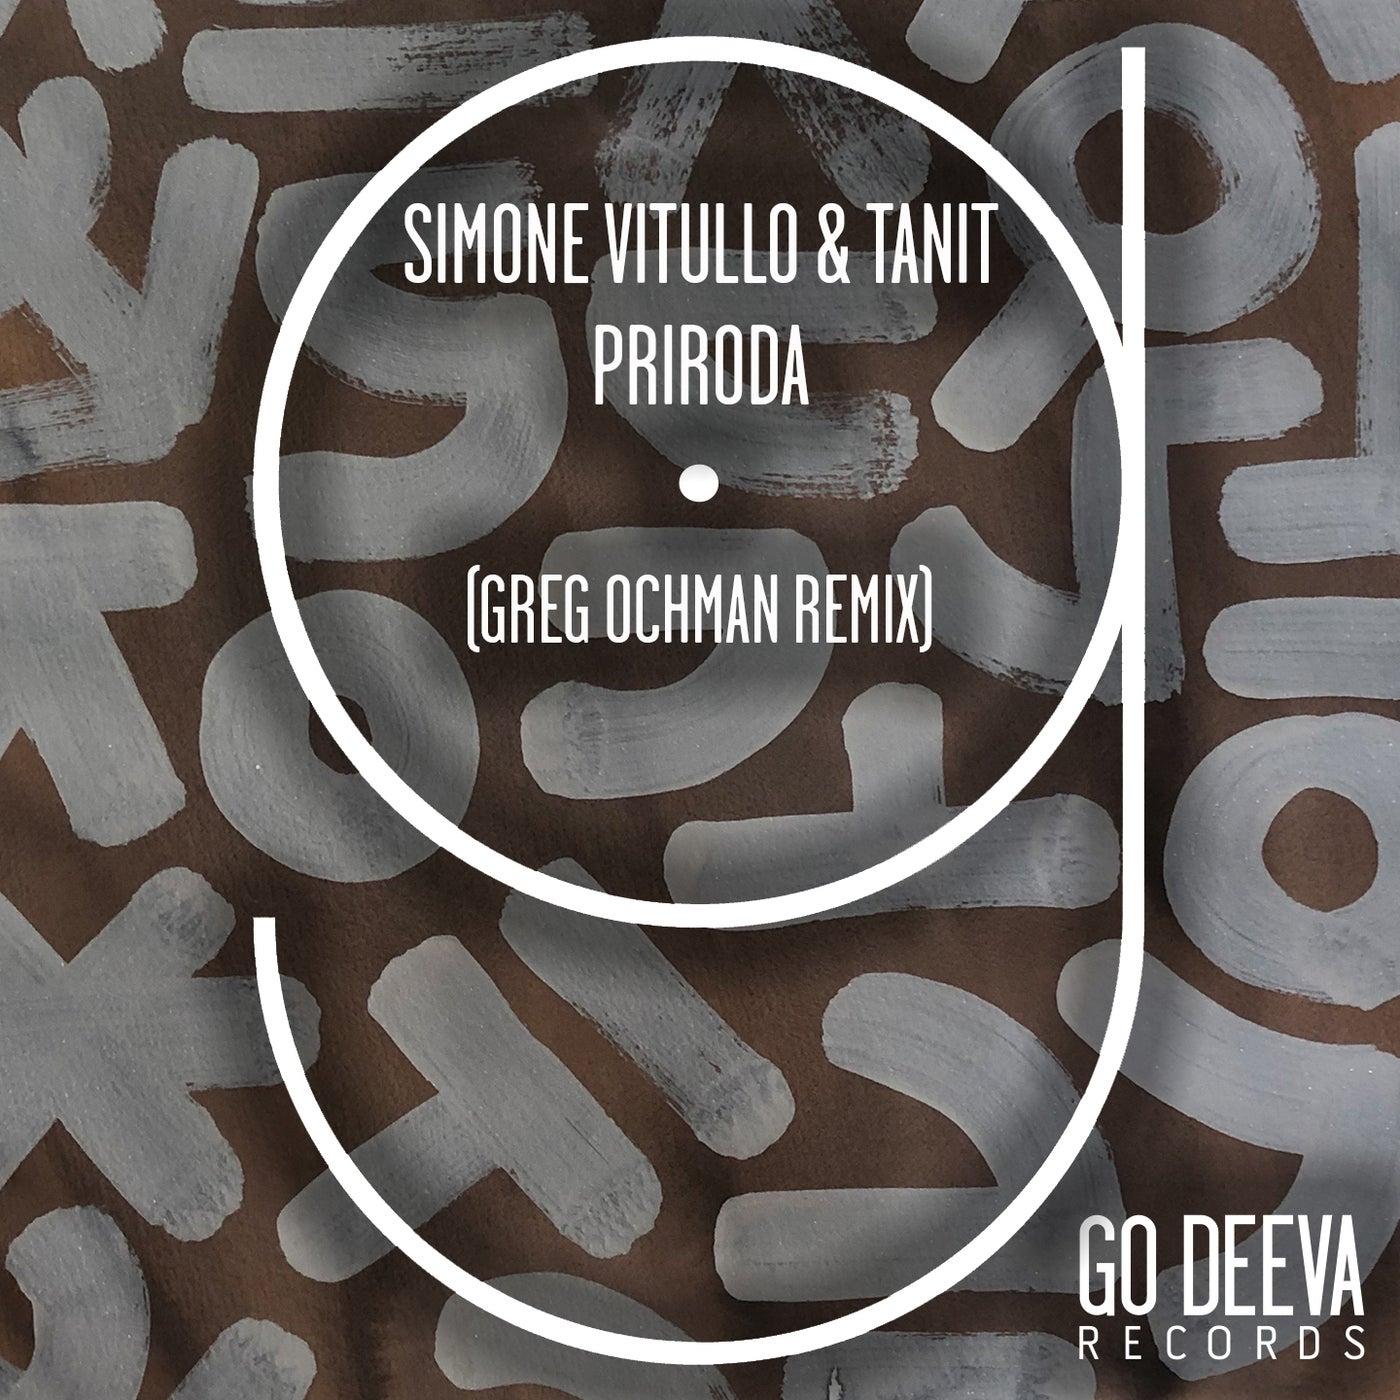 Priroda (Greg Ochman Remix)